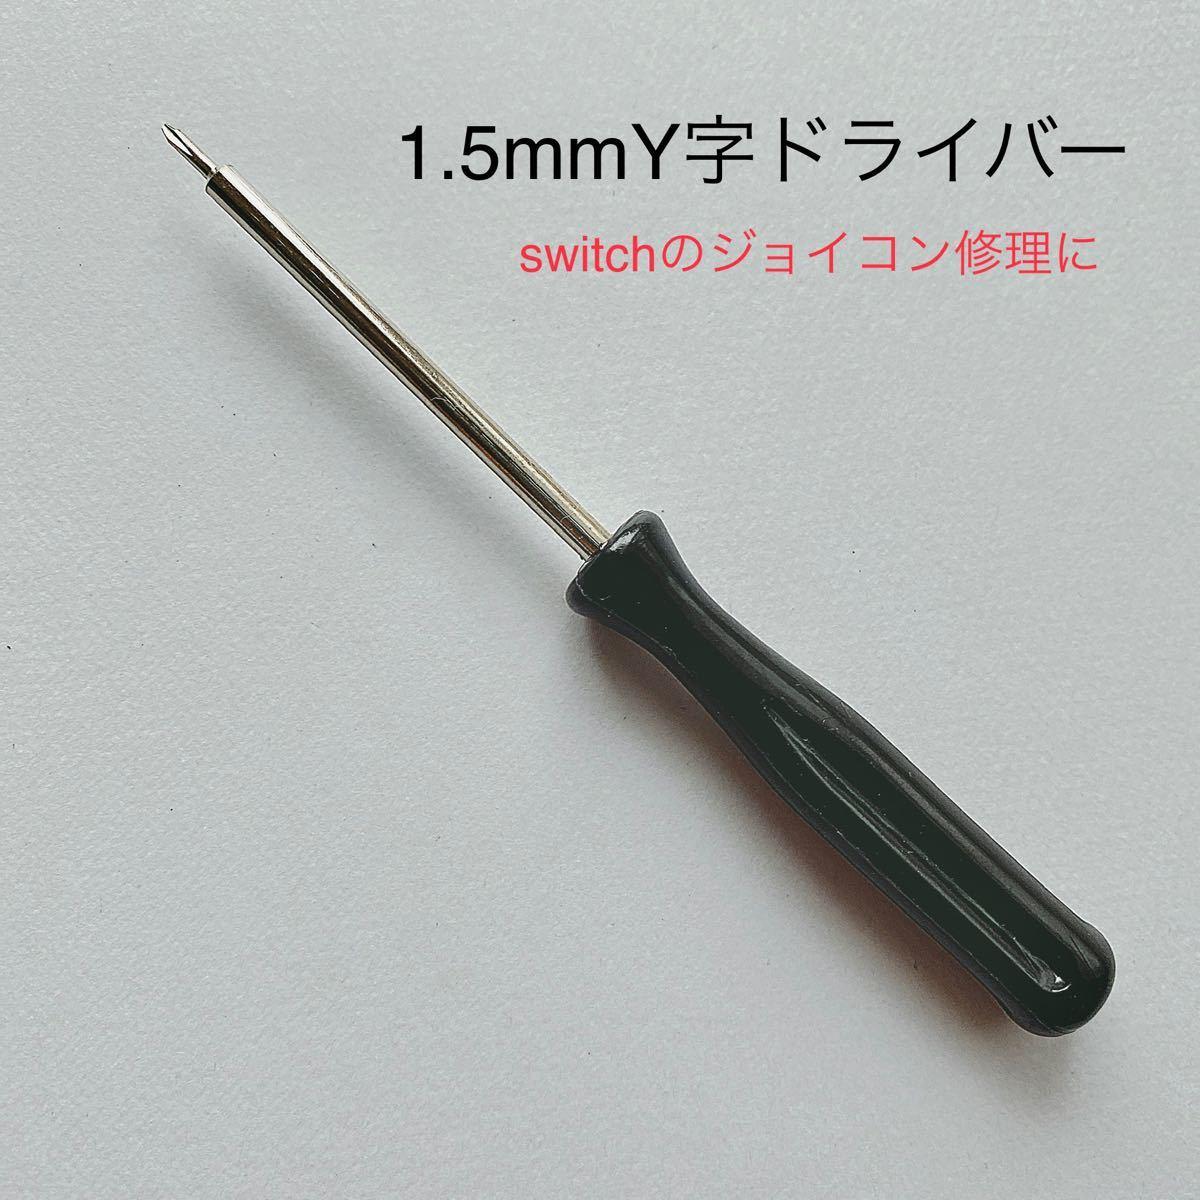 【即日発送】1.5mm Y字ドライバー1本 ブラック 任天堂 switch Joy-Con 修理に